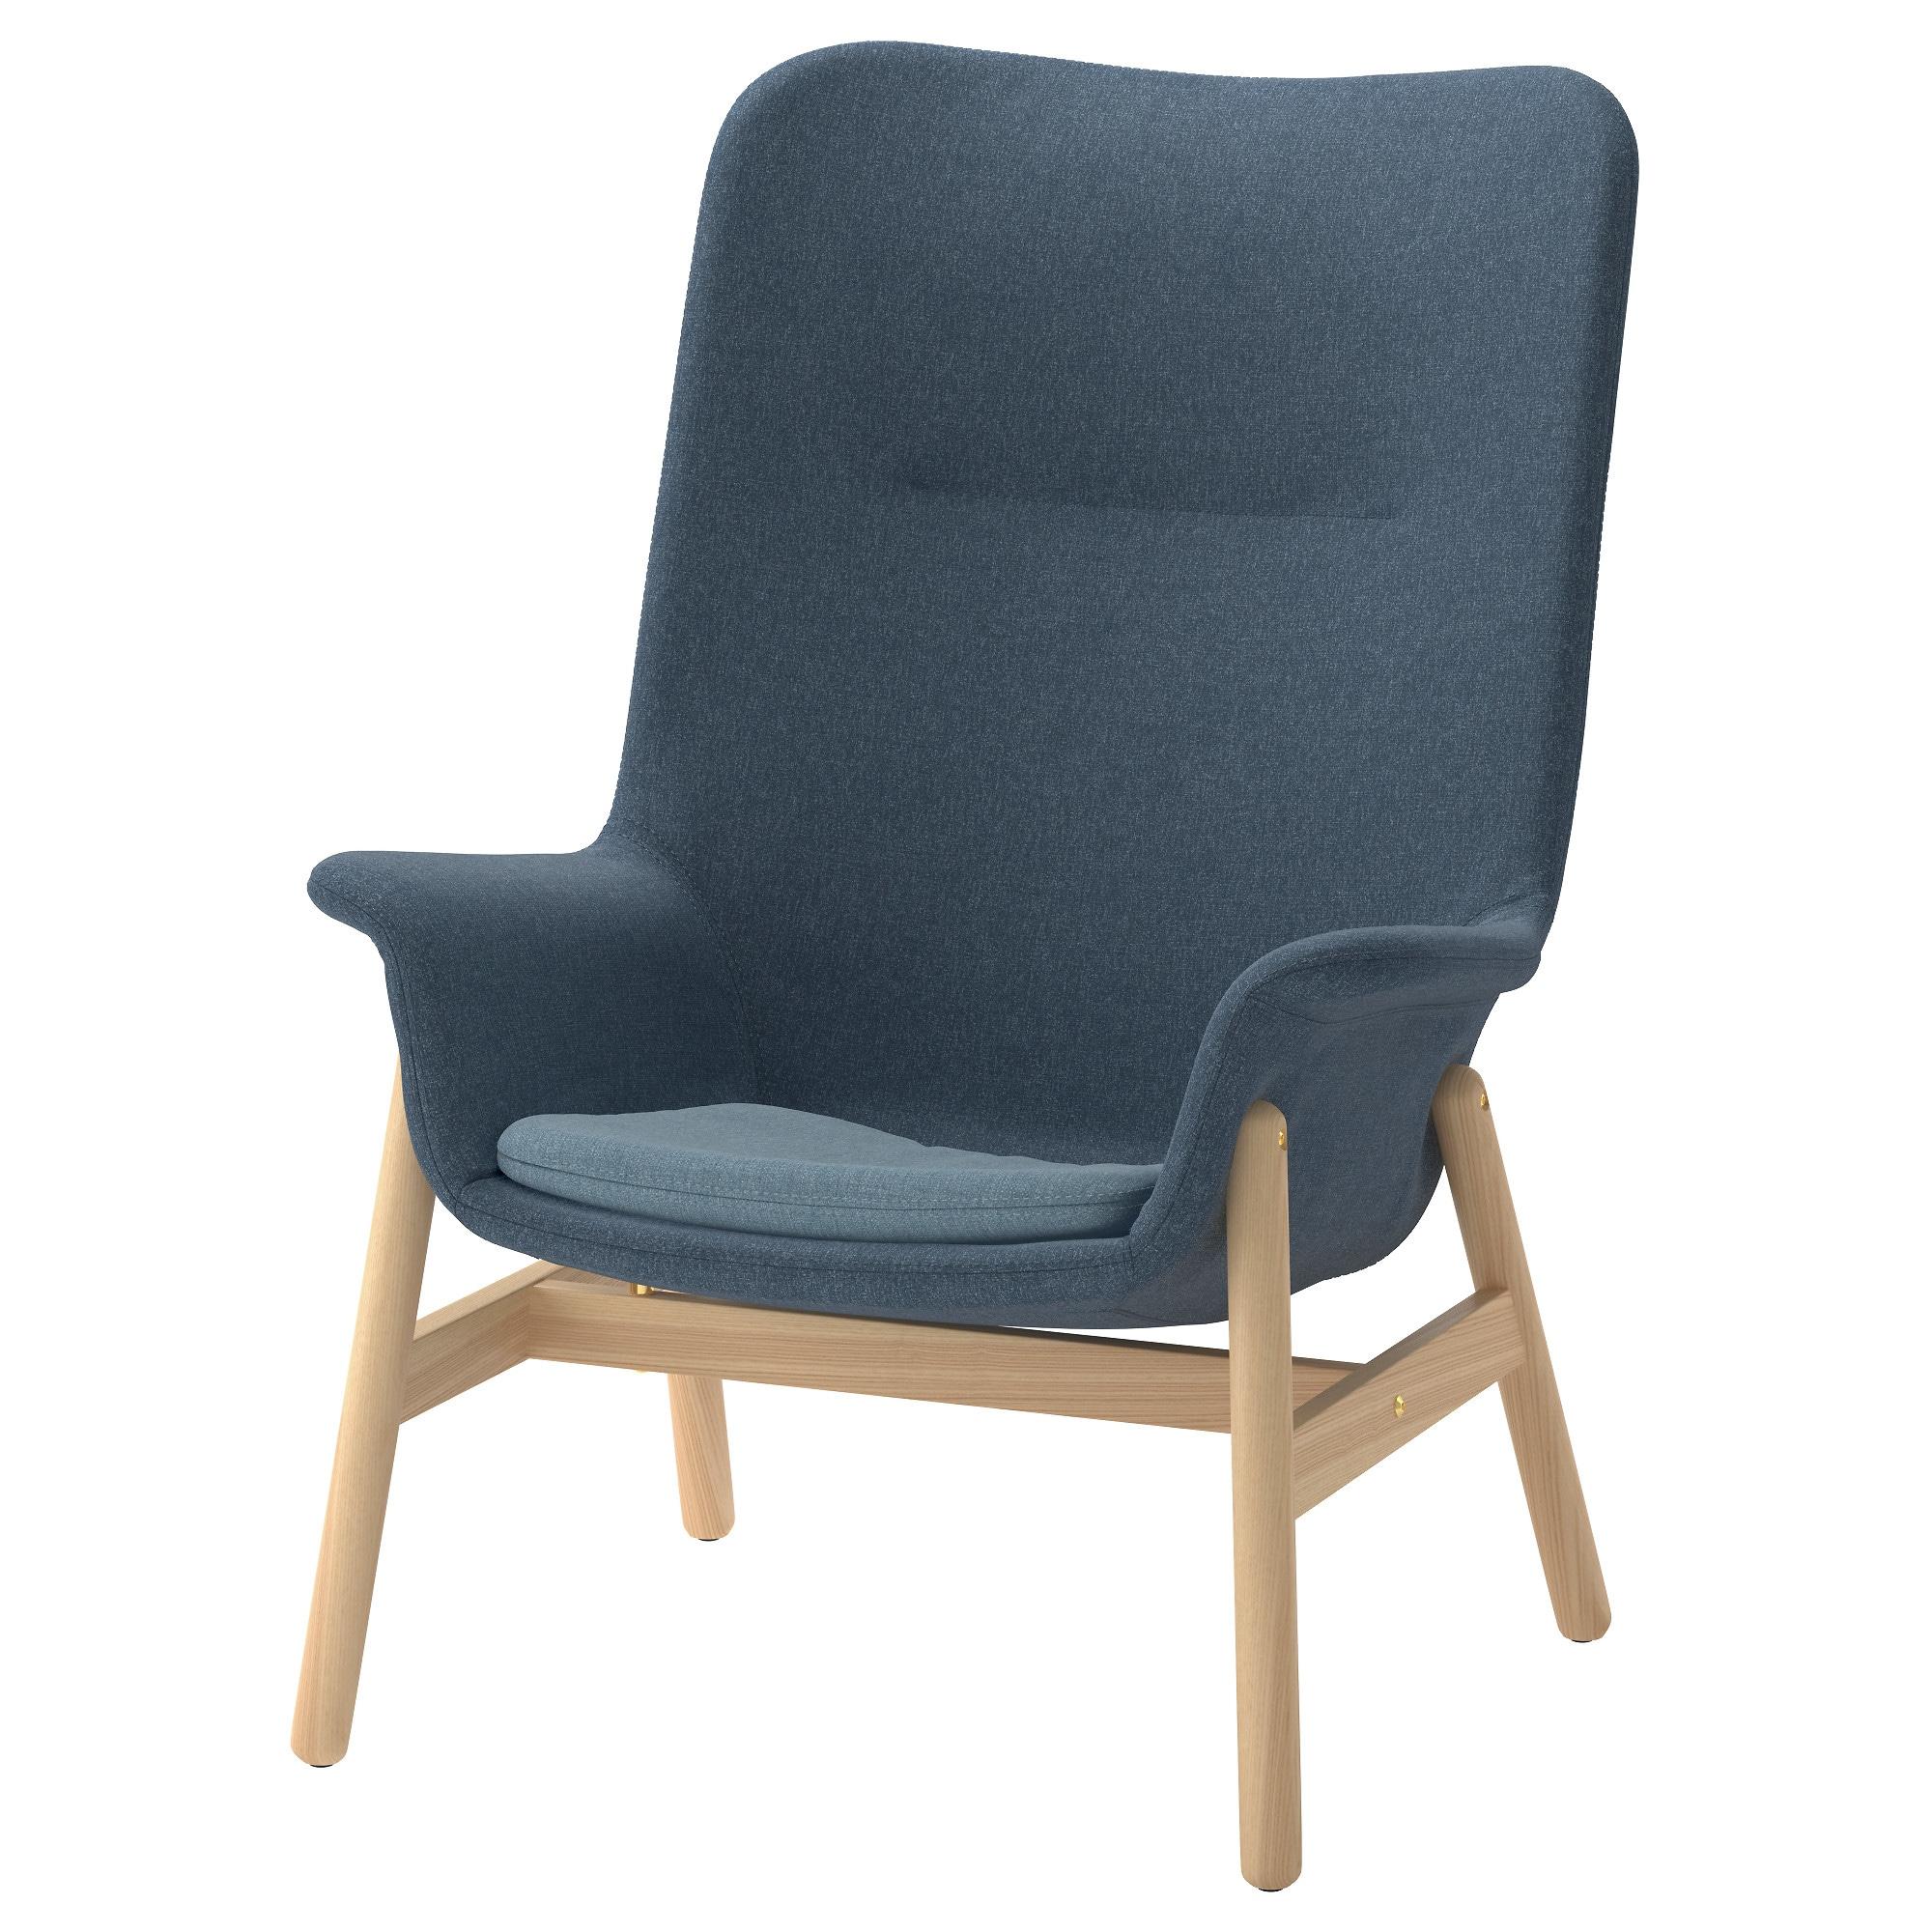 VEDBO Sessel mit hoher Rückenlehne Gunnared blau   Sessel ...